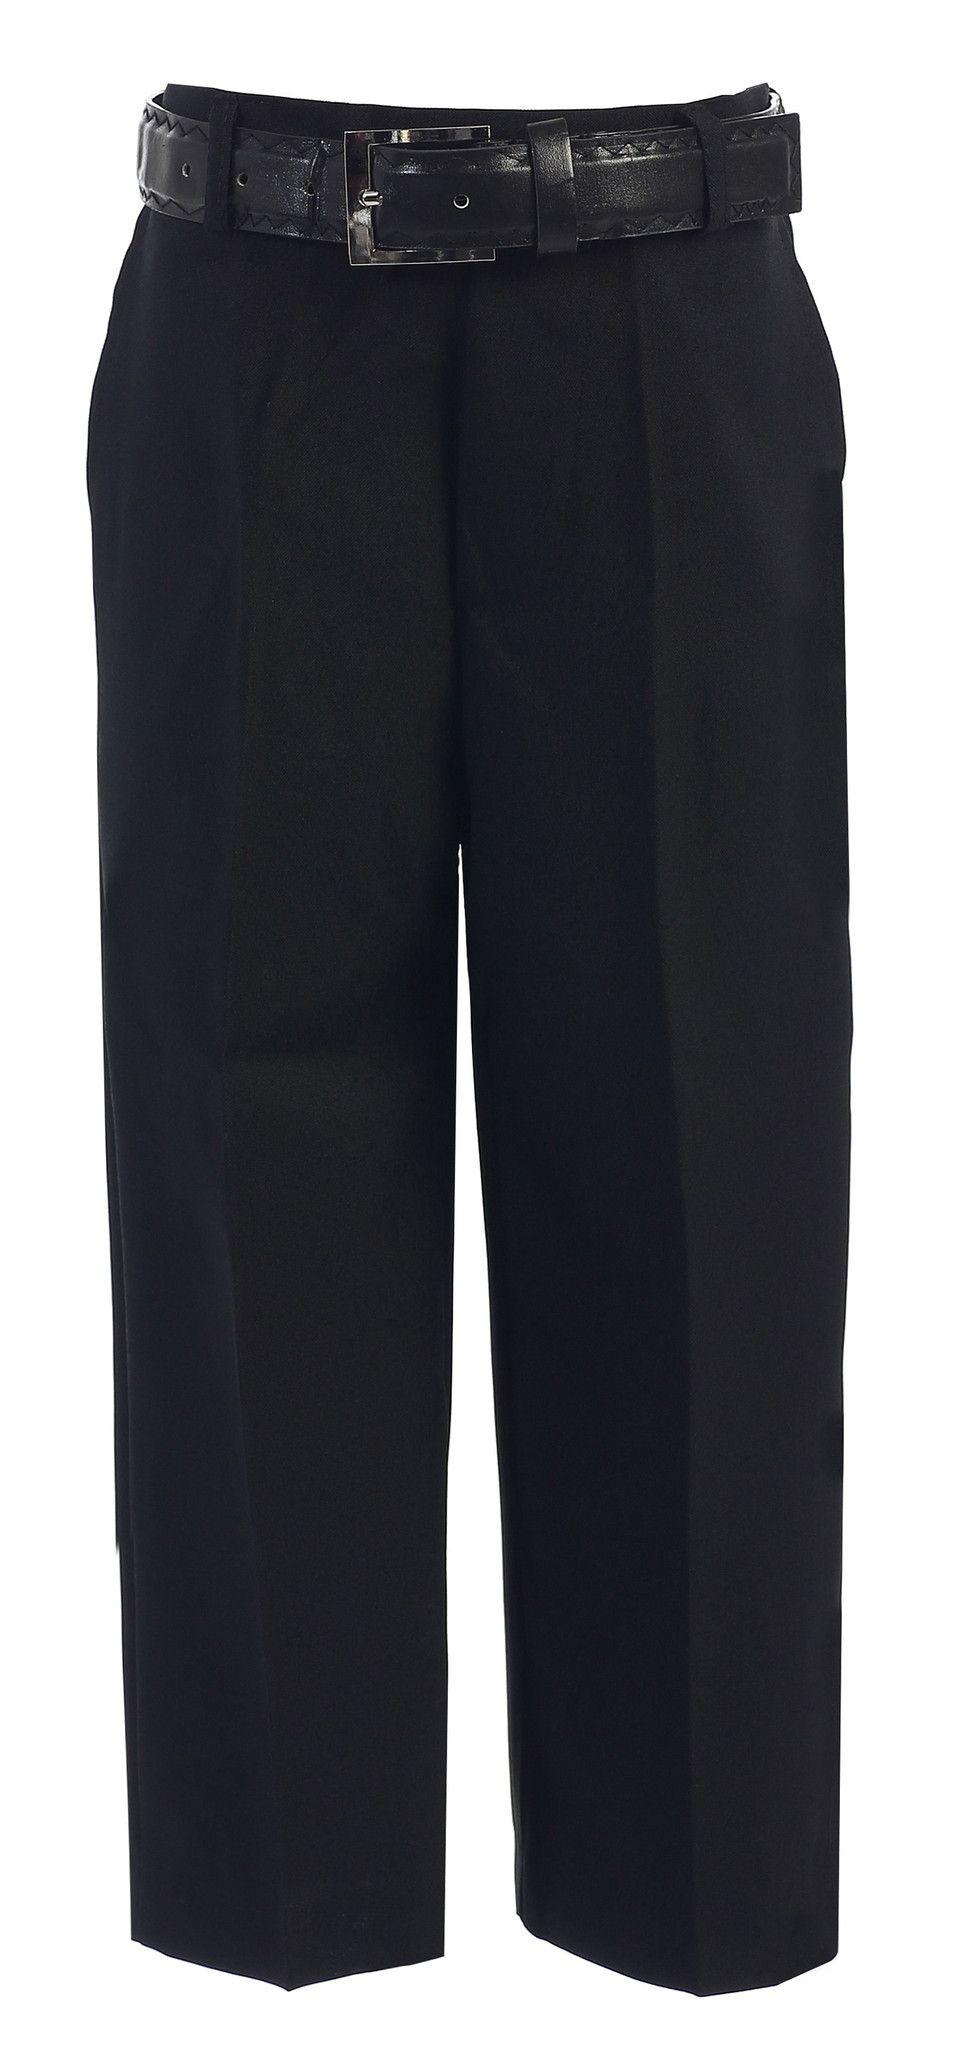 46+ Boy black dress pants info